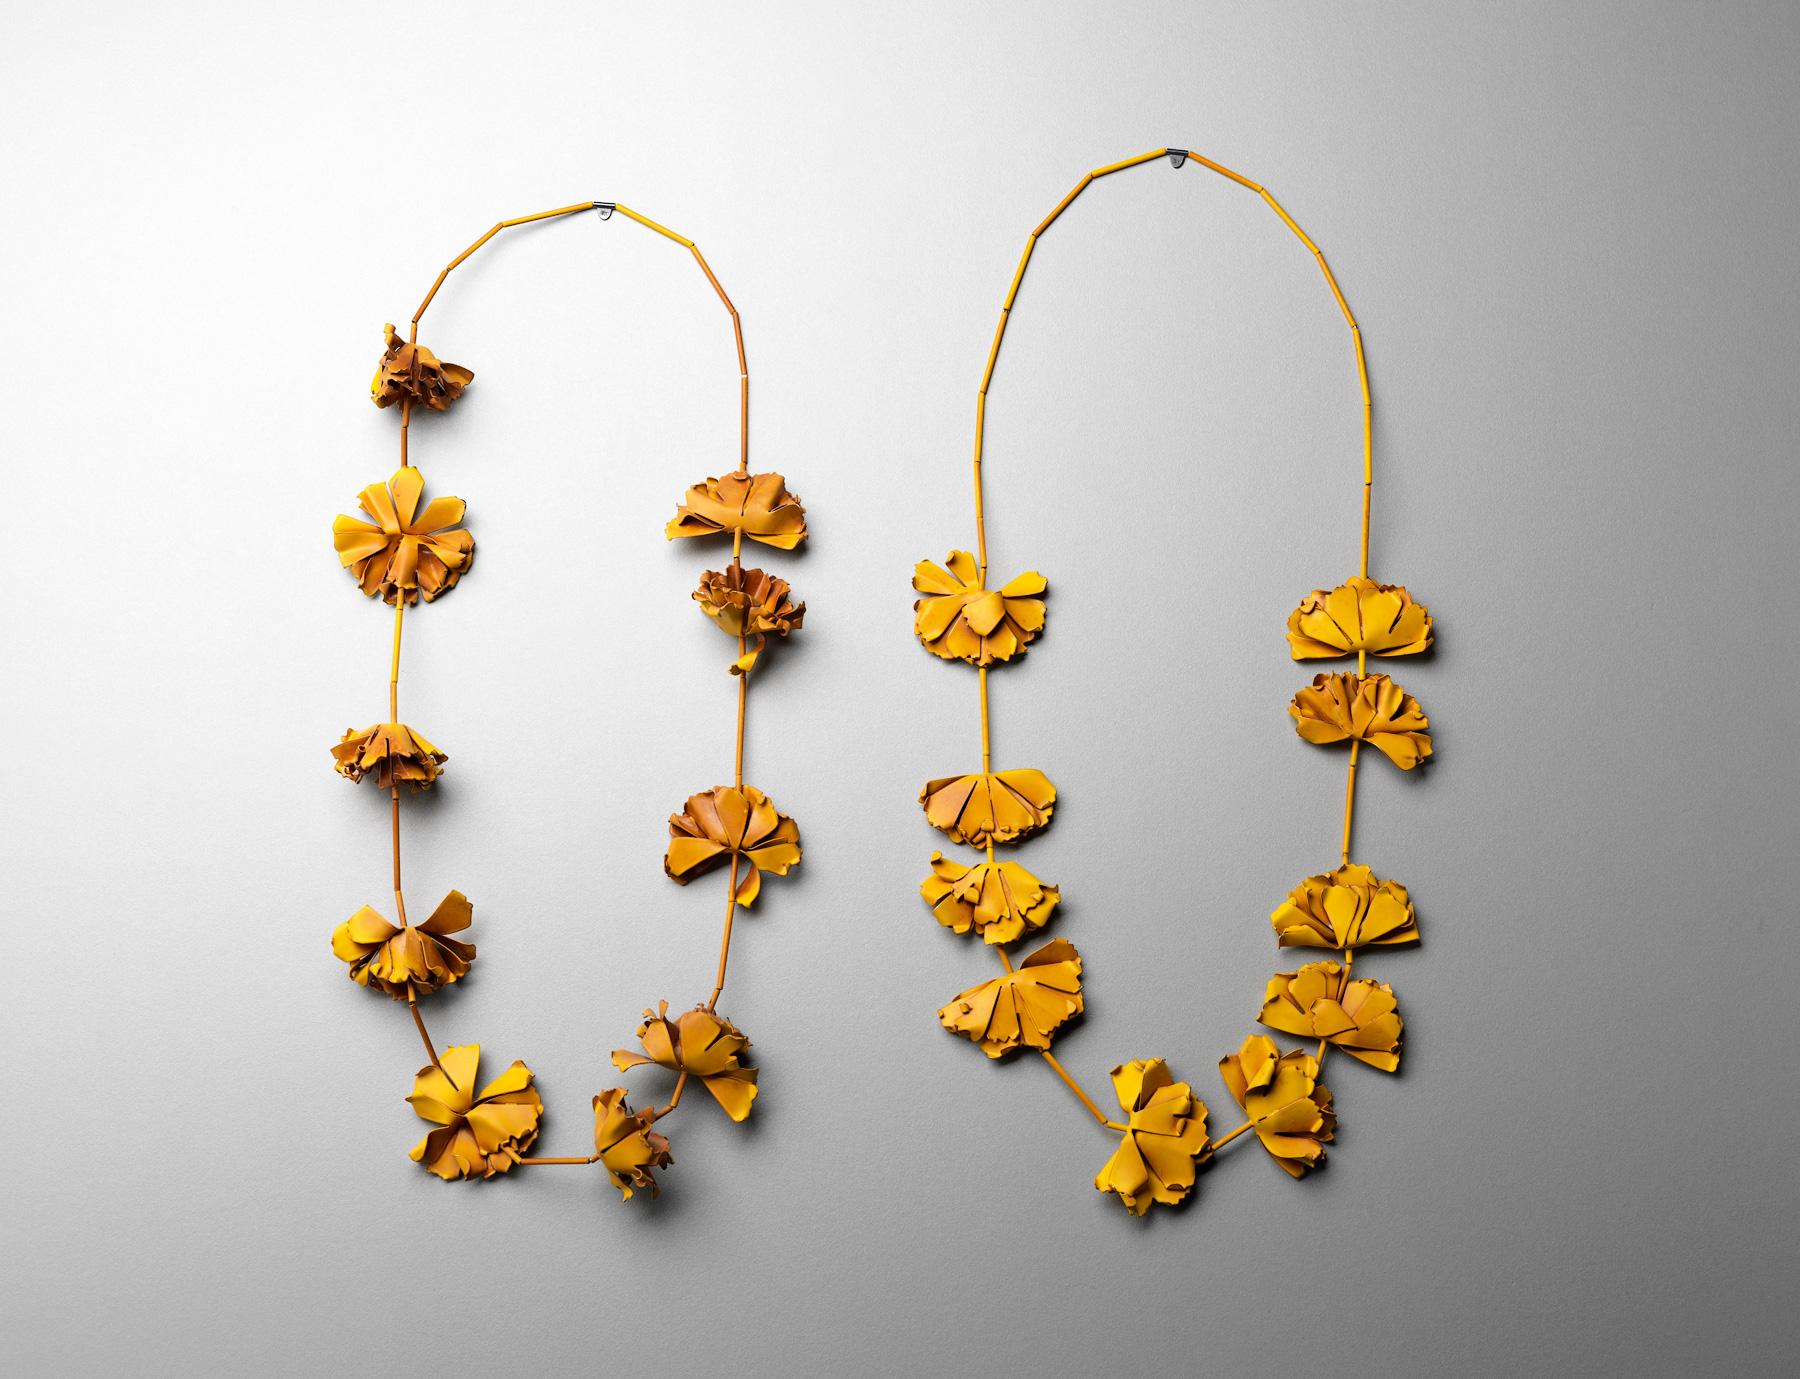 2-Golden-Marigold-Garlands.jpg